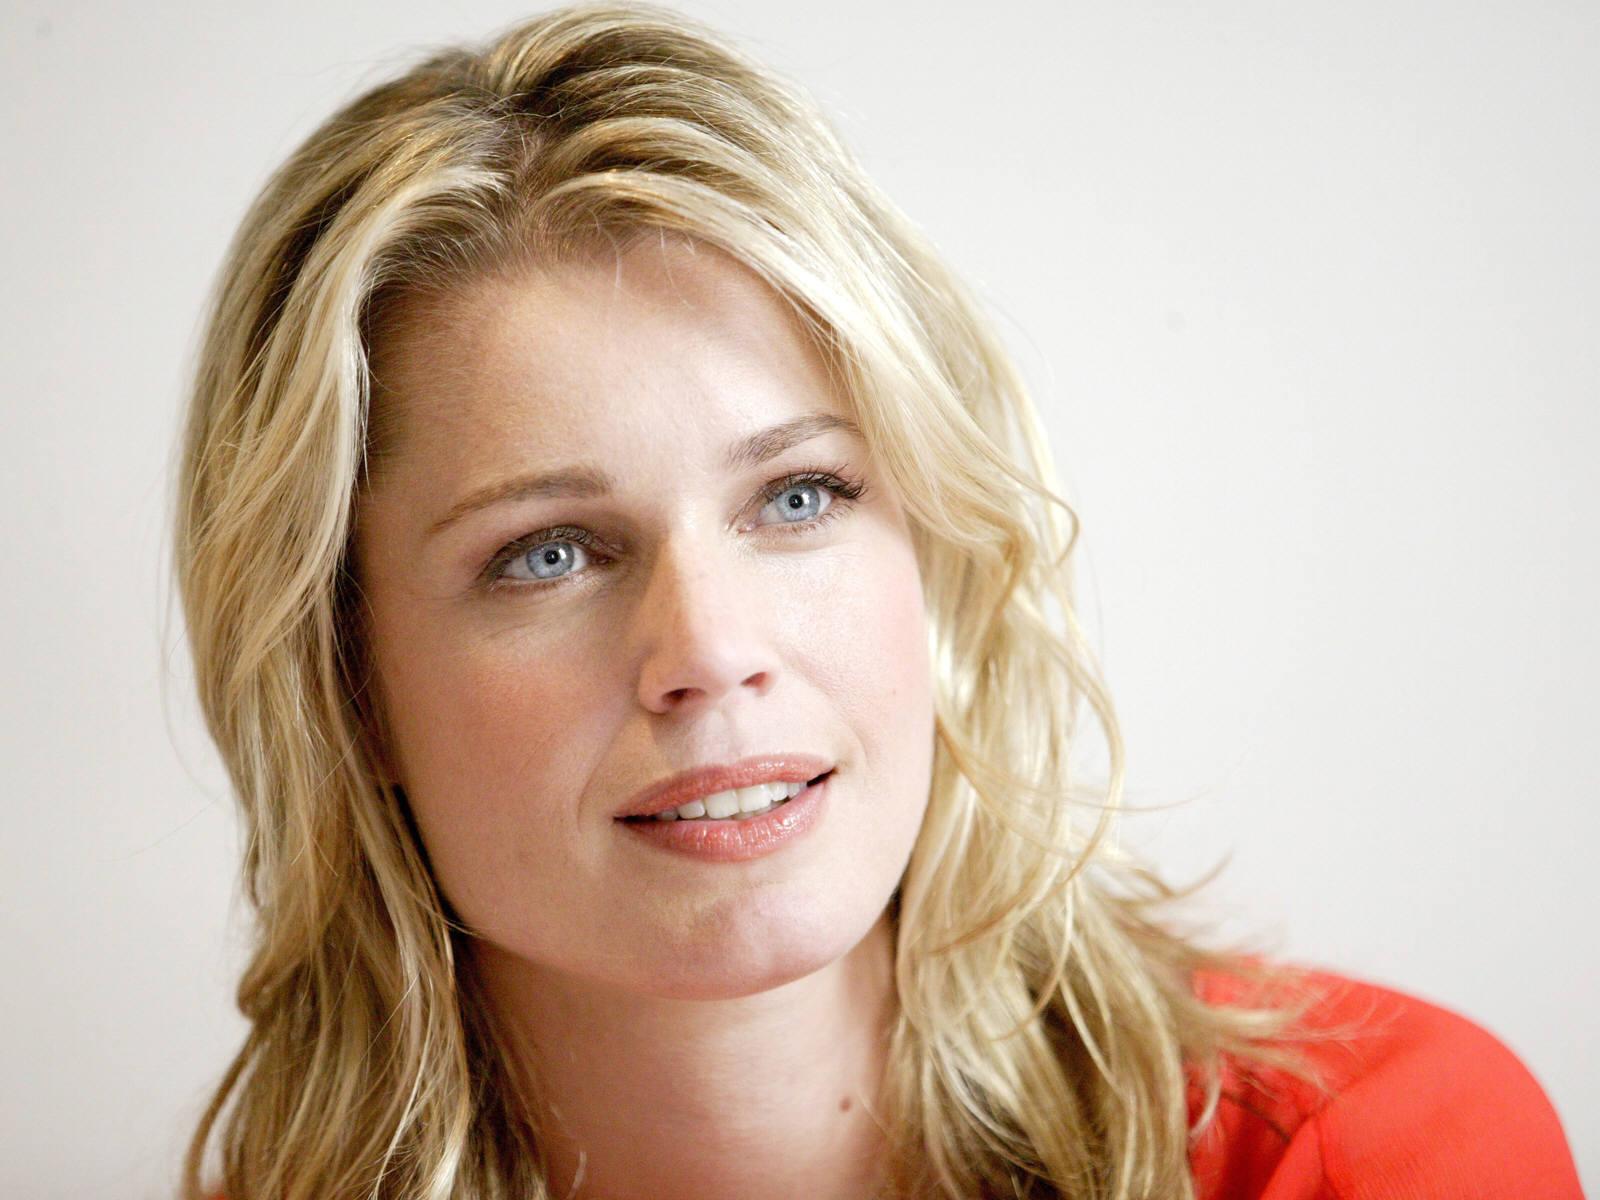 Actress rebecca romijn pictures